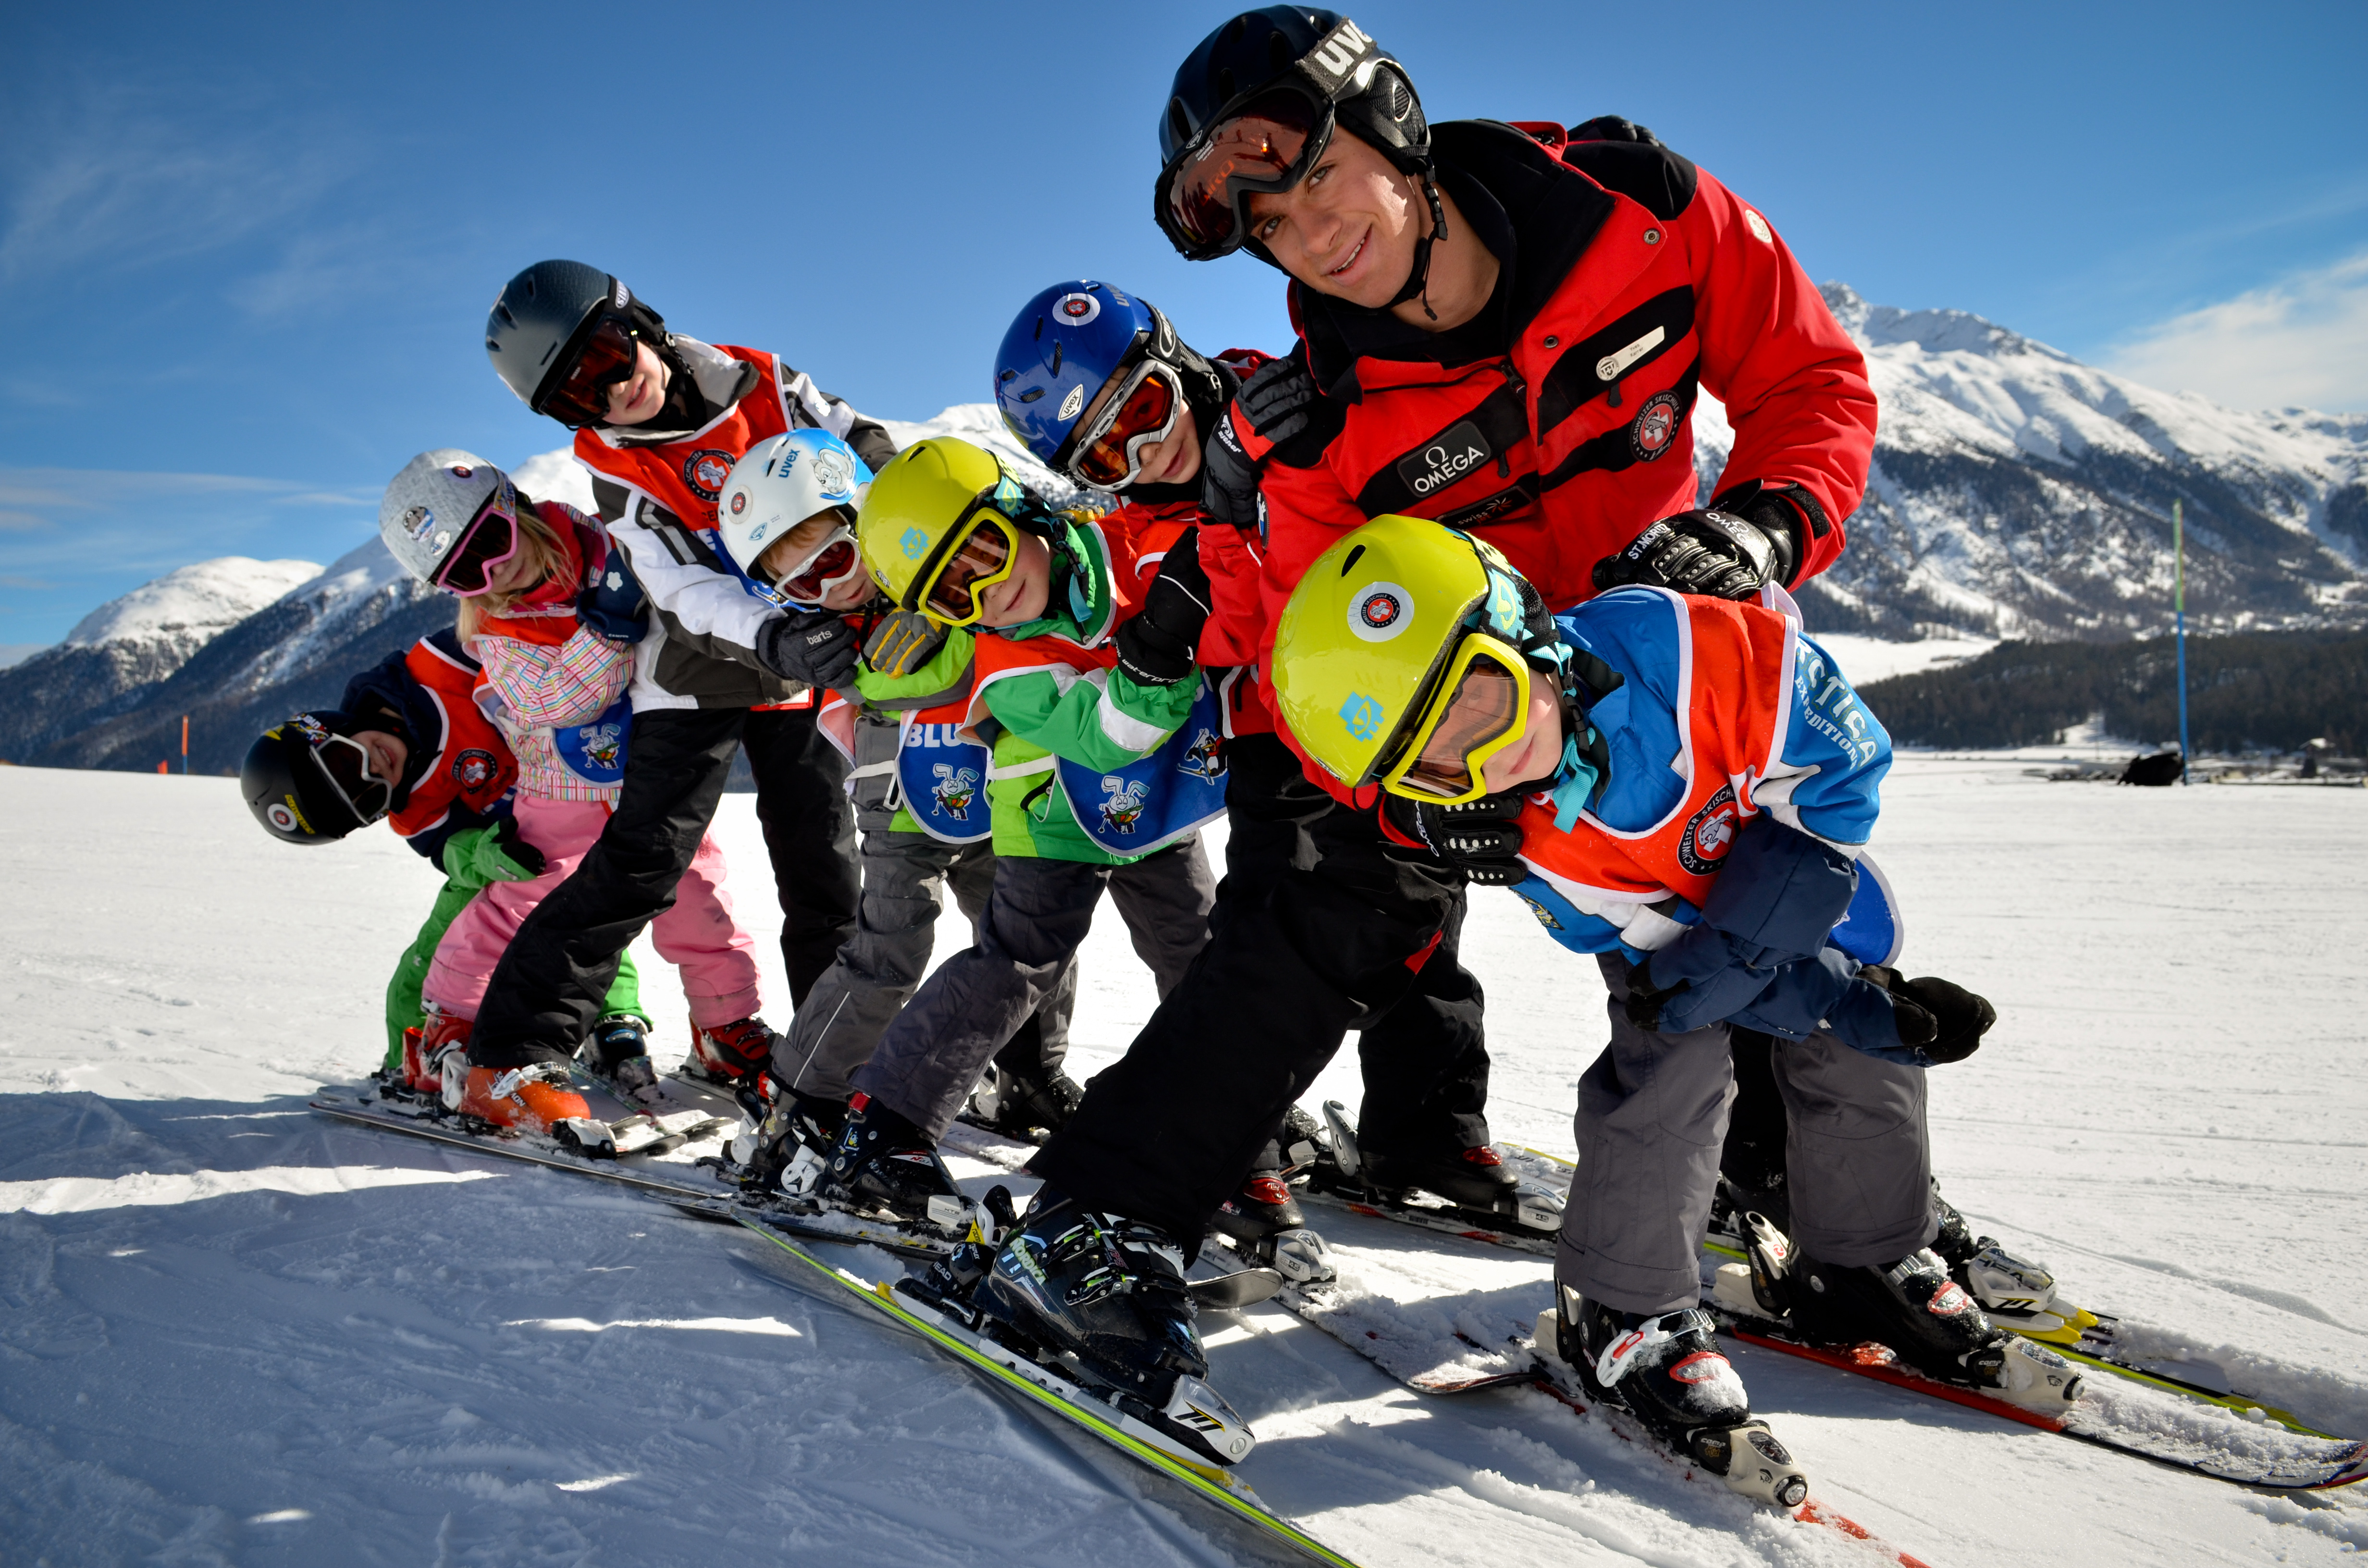 Schweizer Skischule St. Moritz Slide 6